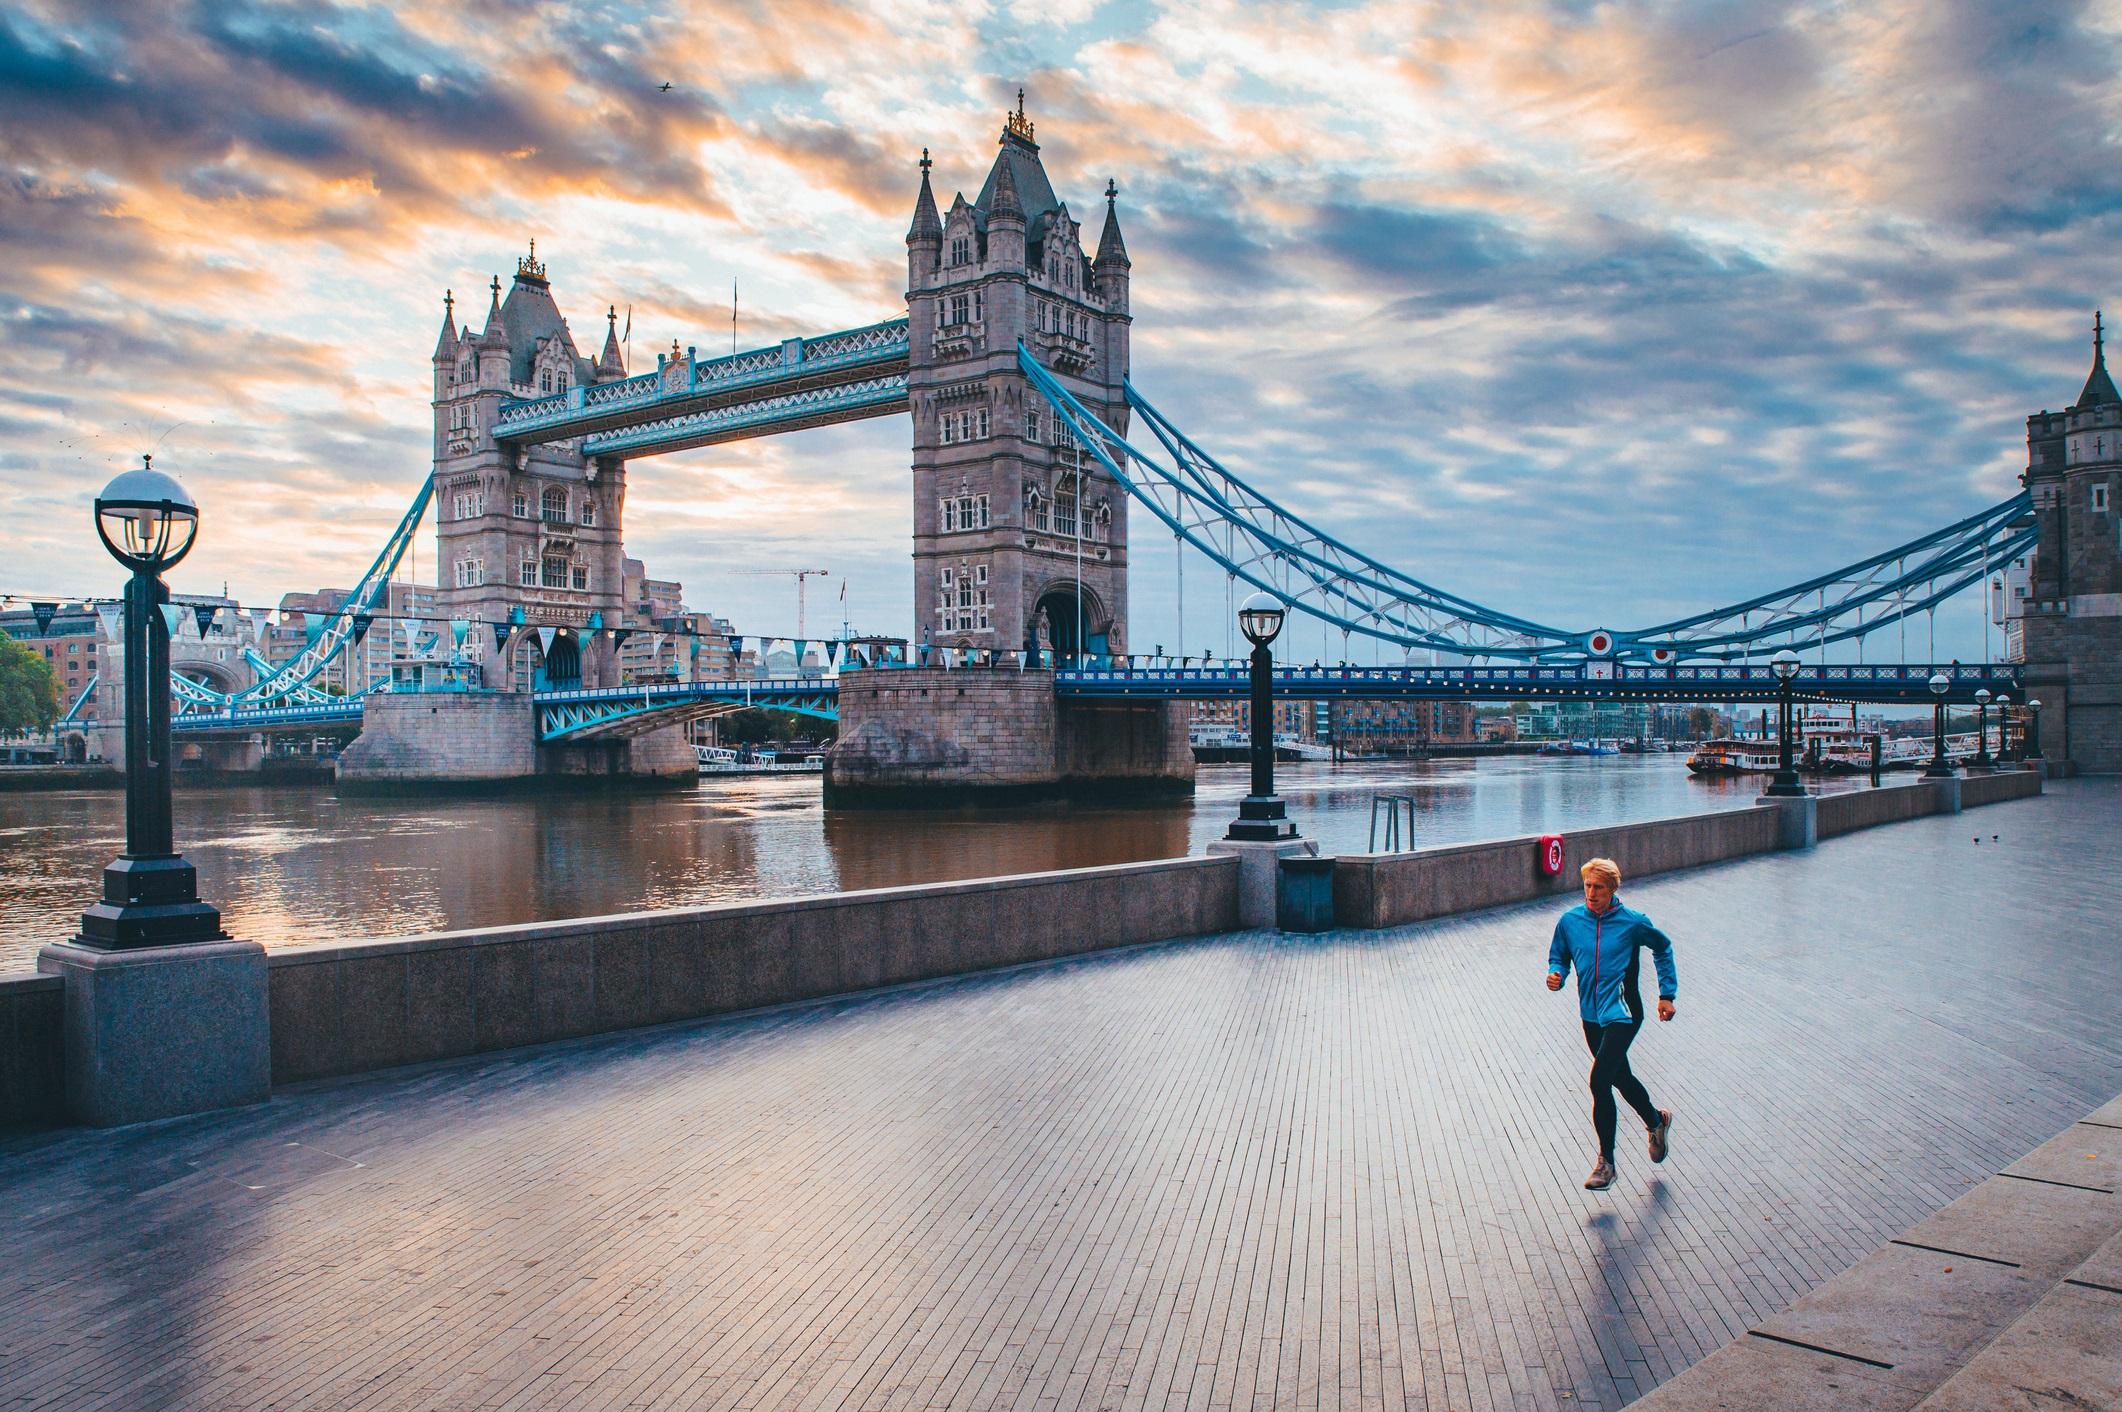 <p><strong>Тауър Бридж (Лондон, Англия)</strong></p>  <p>Завършен преди 126 години Тауър Бридж е една от най-разпознаваемите забележителности в Лондон. След завършването си той е един от най-големите бастулни (подвижни) мостове в света и неговите огромни кули и смели сини удължения и до днес остават икона на английската столица.</p>